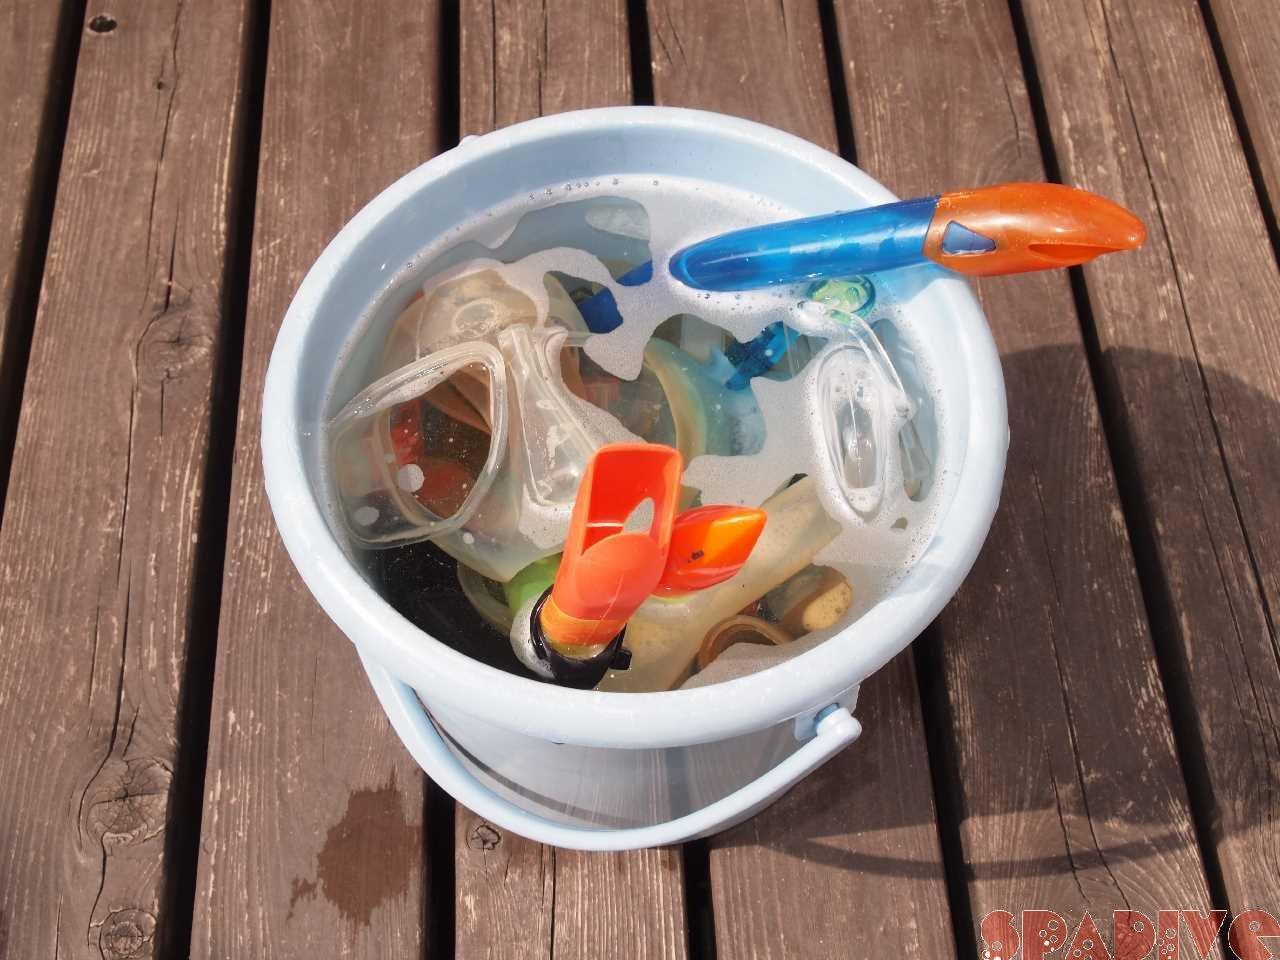 水中メガネ(マスク)とシュノーケルの洗浄・除菌・消毒方法